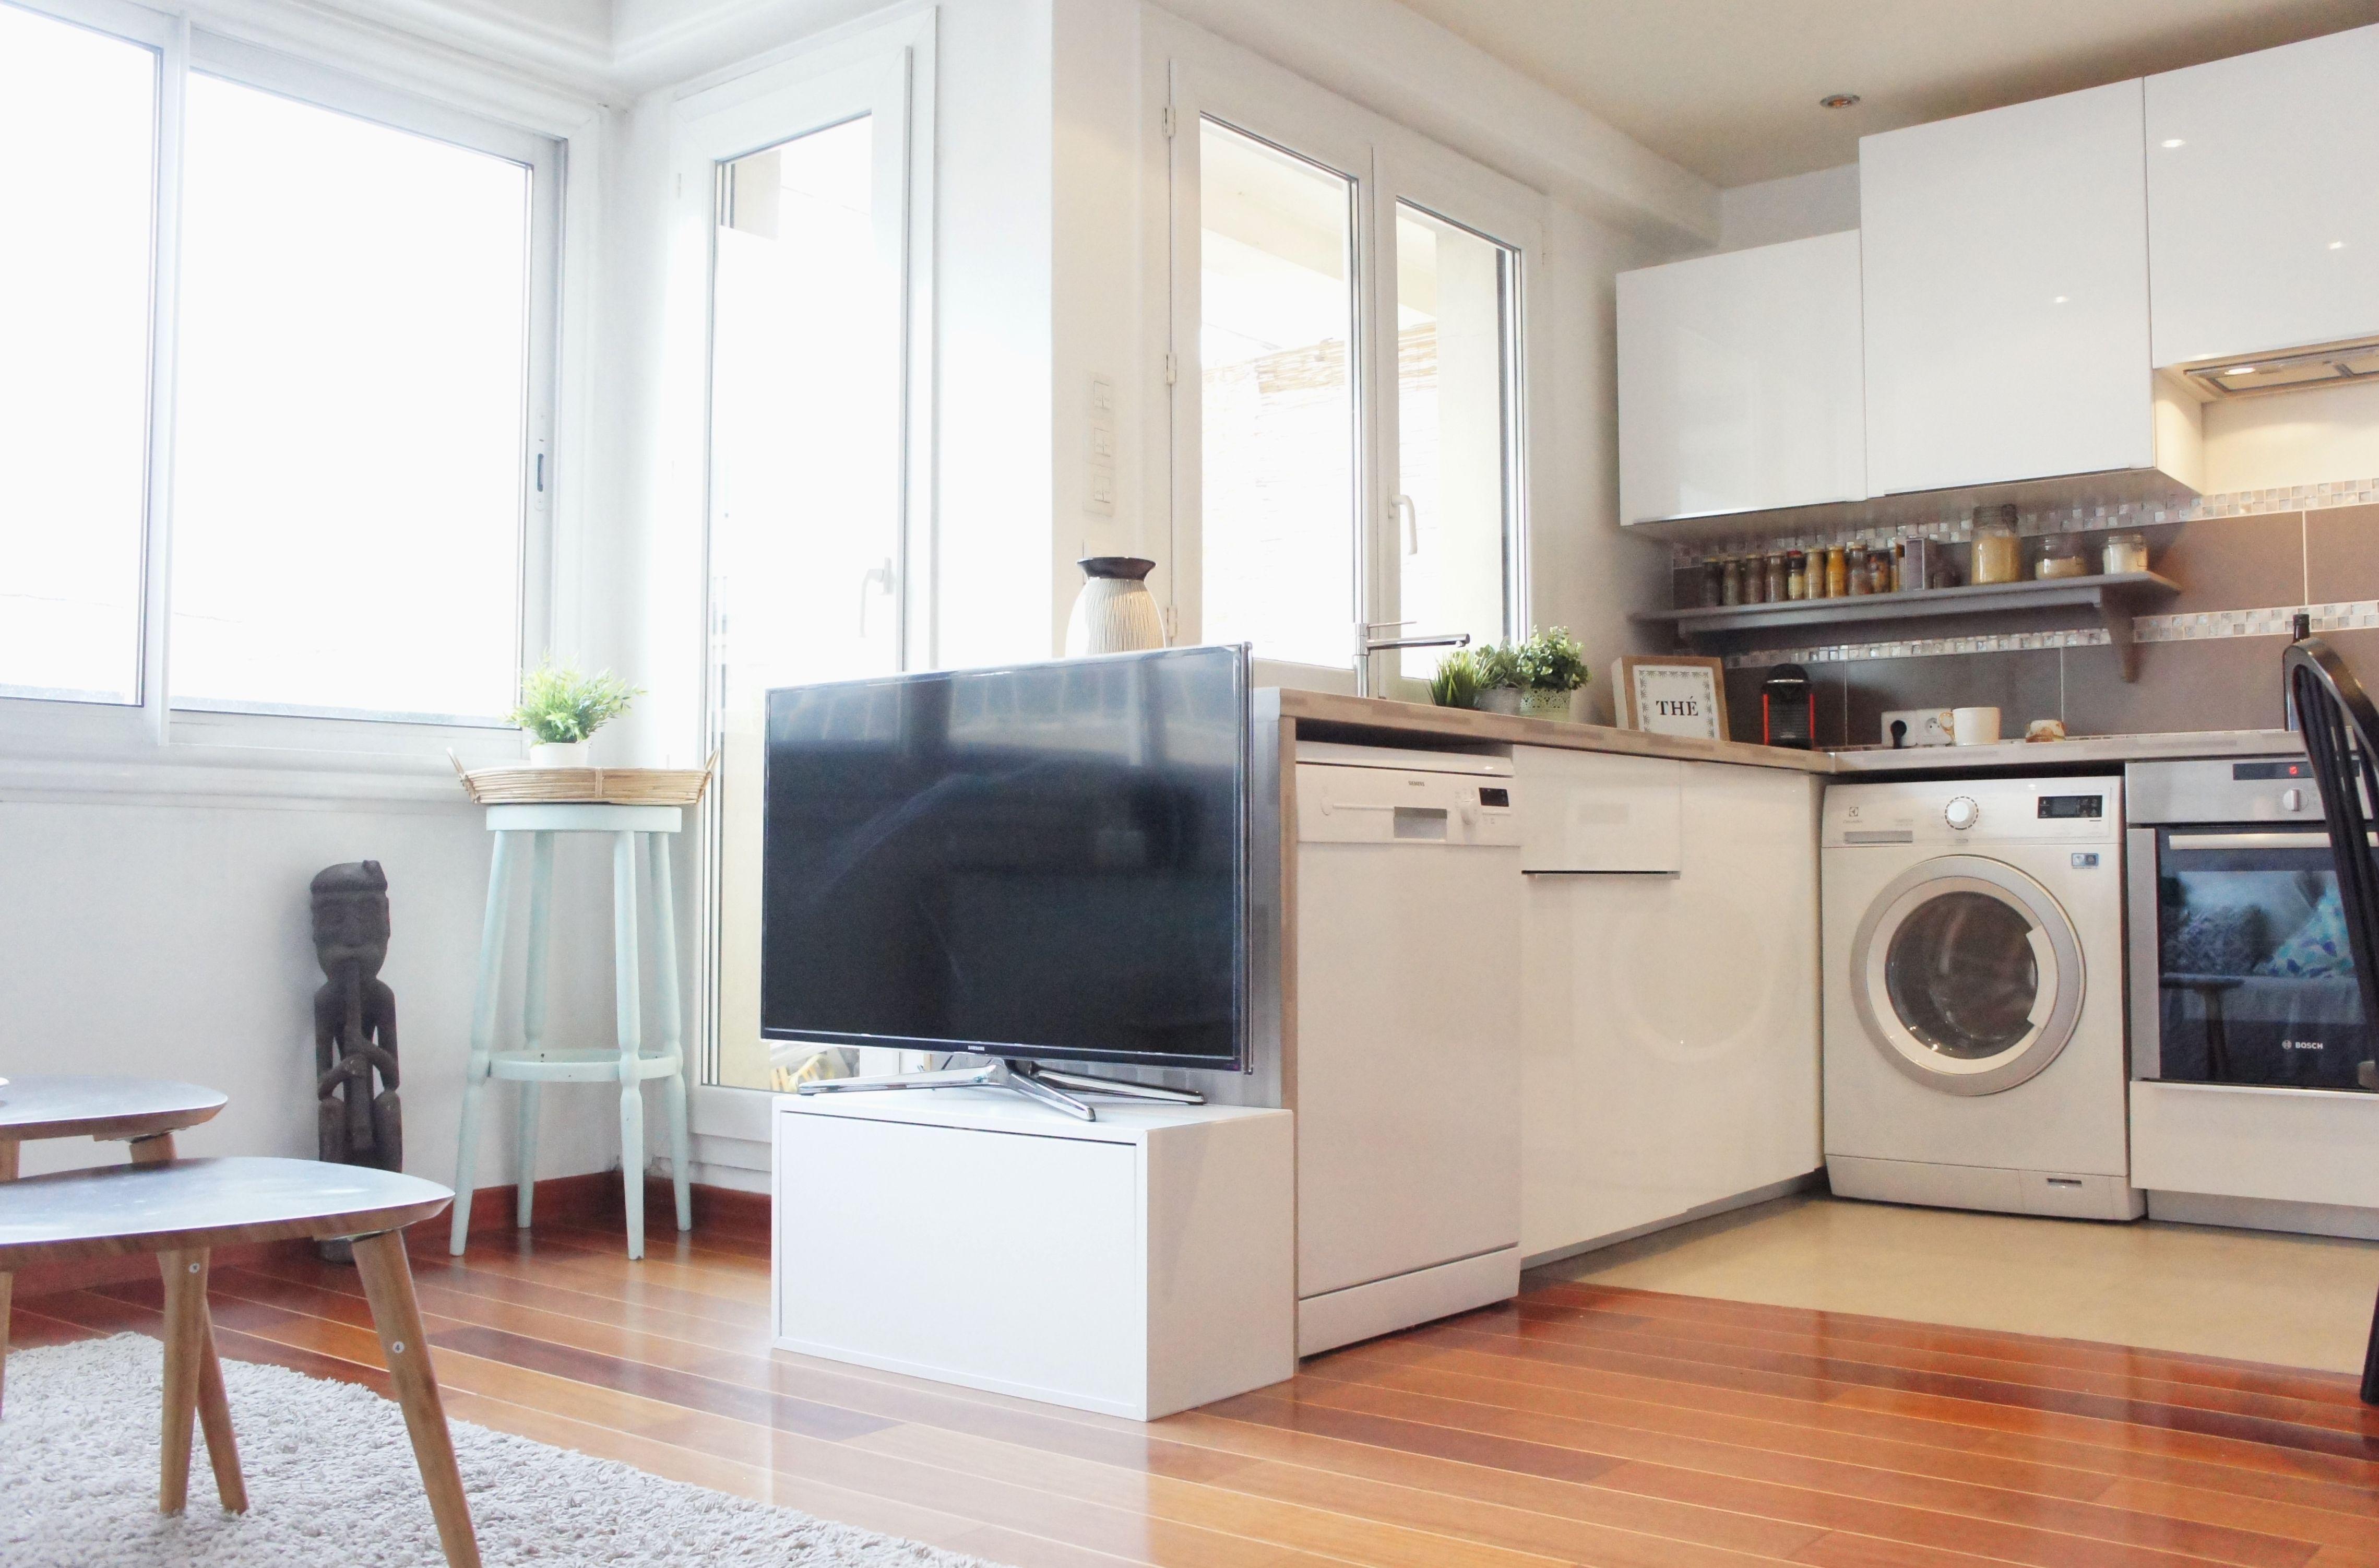 Cuisine ouverte dans appartement à Orsay, réaménagée par ADC l'Atelier d'à côté